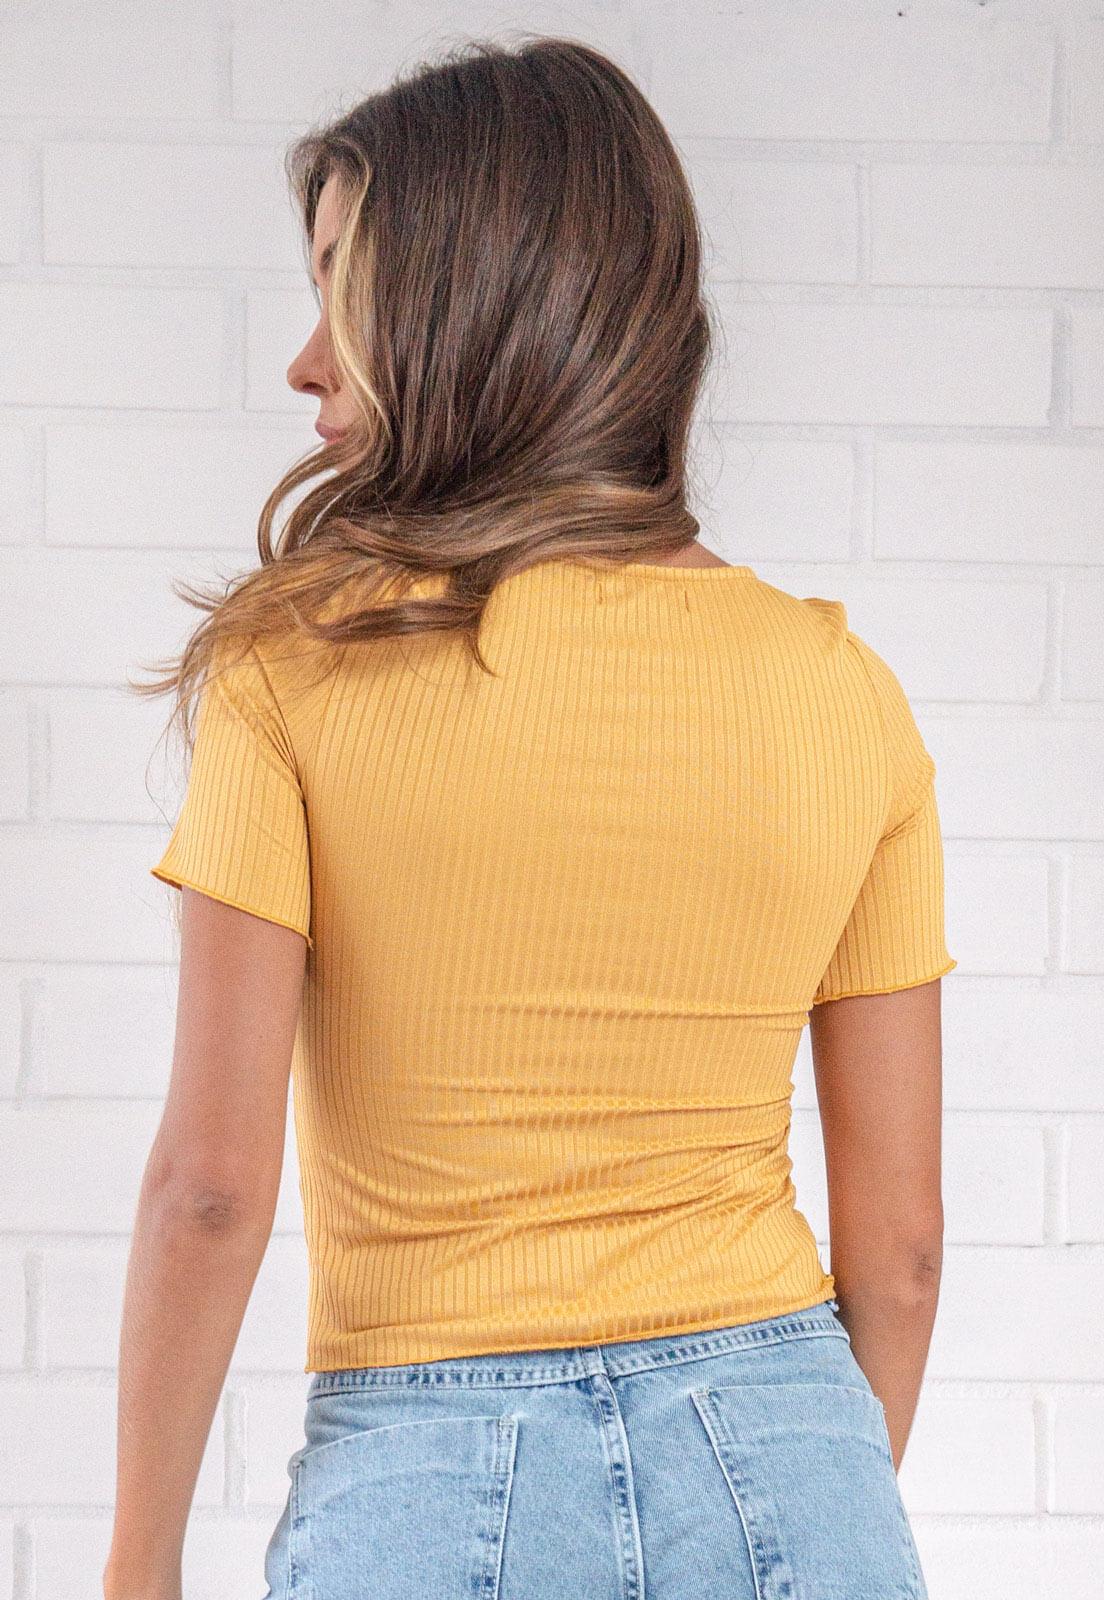 Blusa Canelada Decote Quadrado Mostarda Penelope Pkd